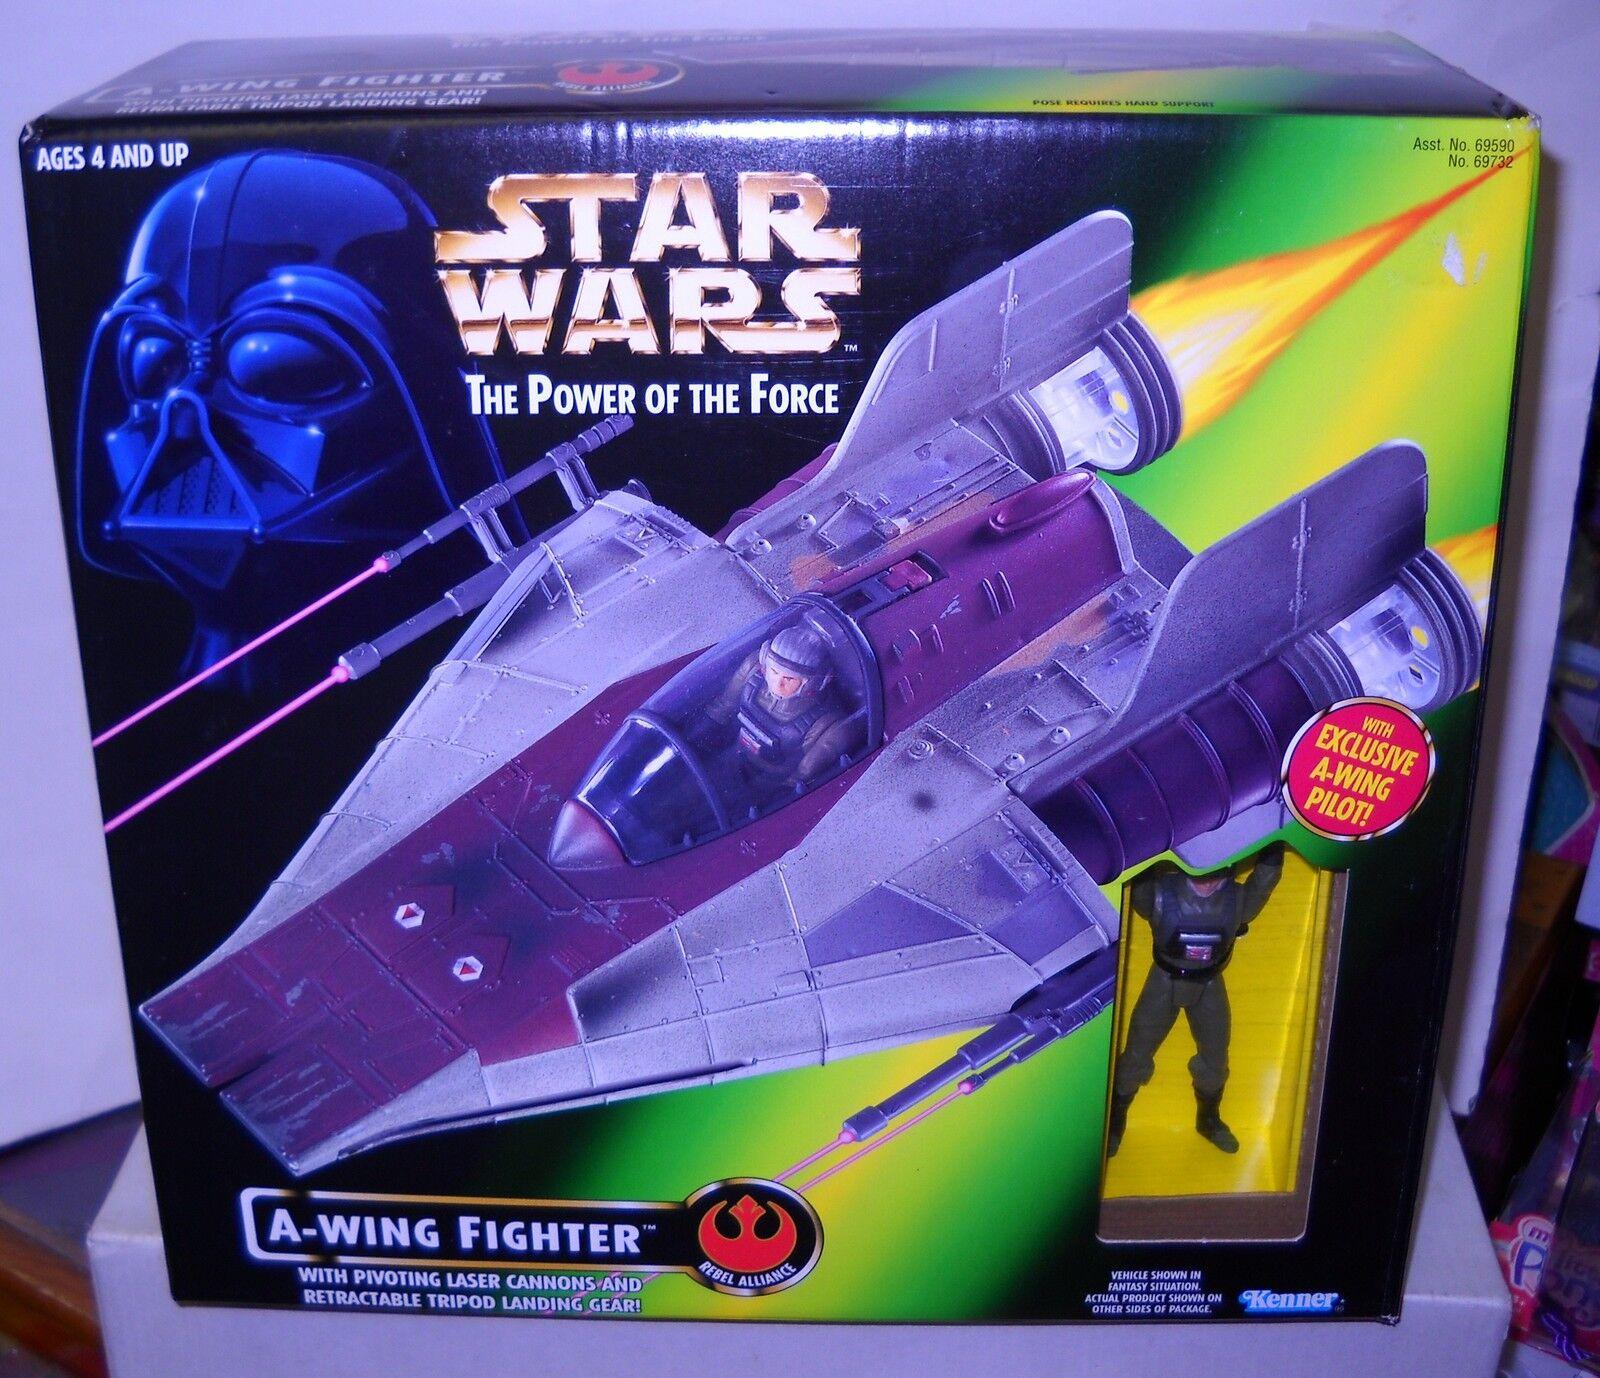 4845 nunca quitado de la caja Estrella wars poder de la fuerza de un luchador ala con un ala piloto figura